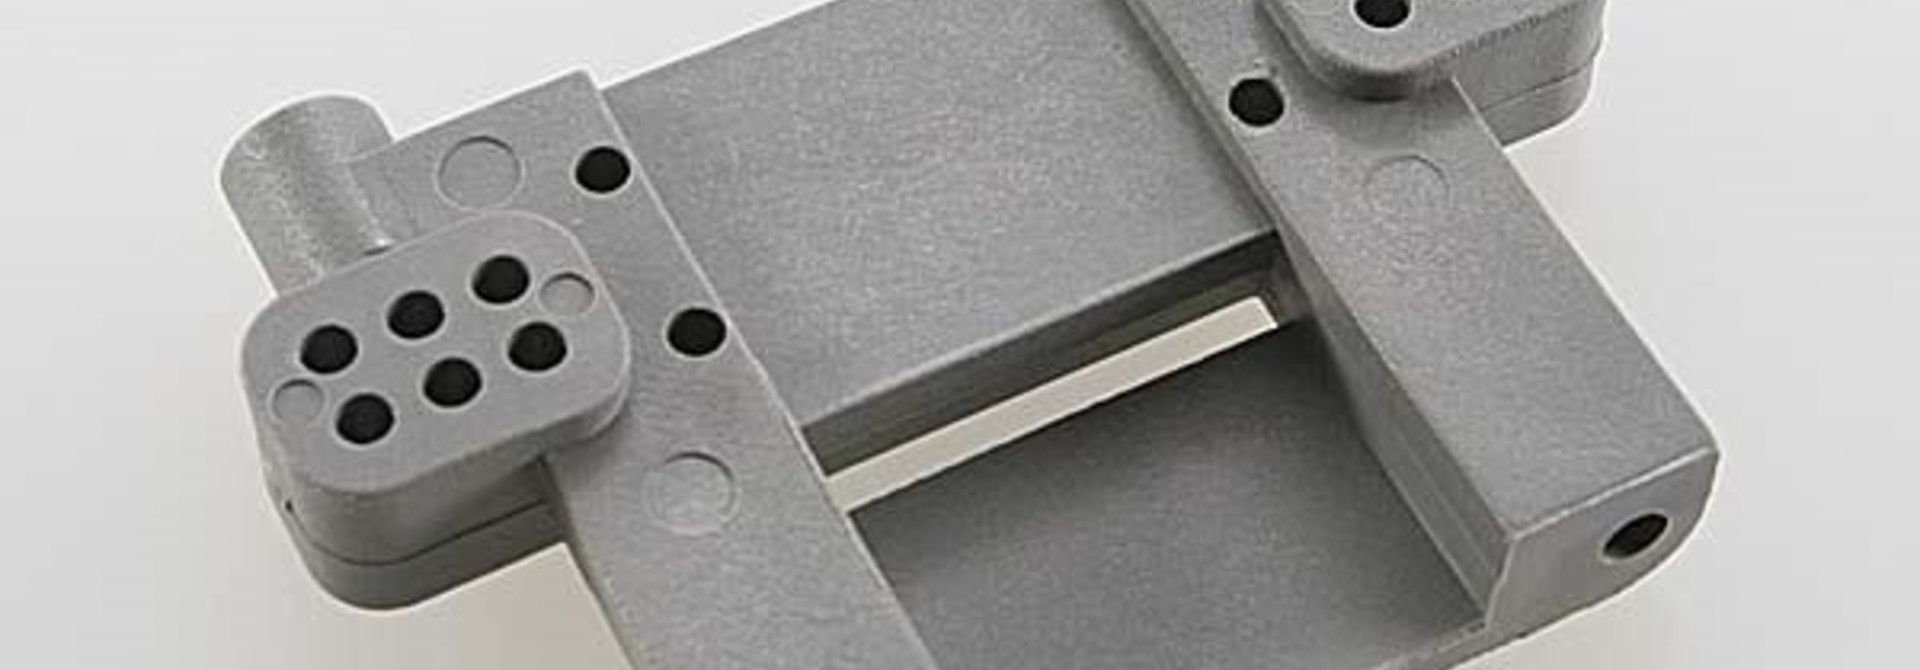 Bulkhead (rear) (grey), TRX4192A